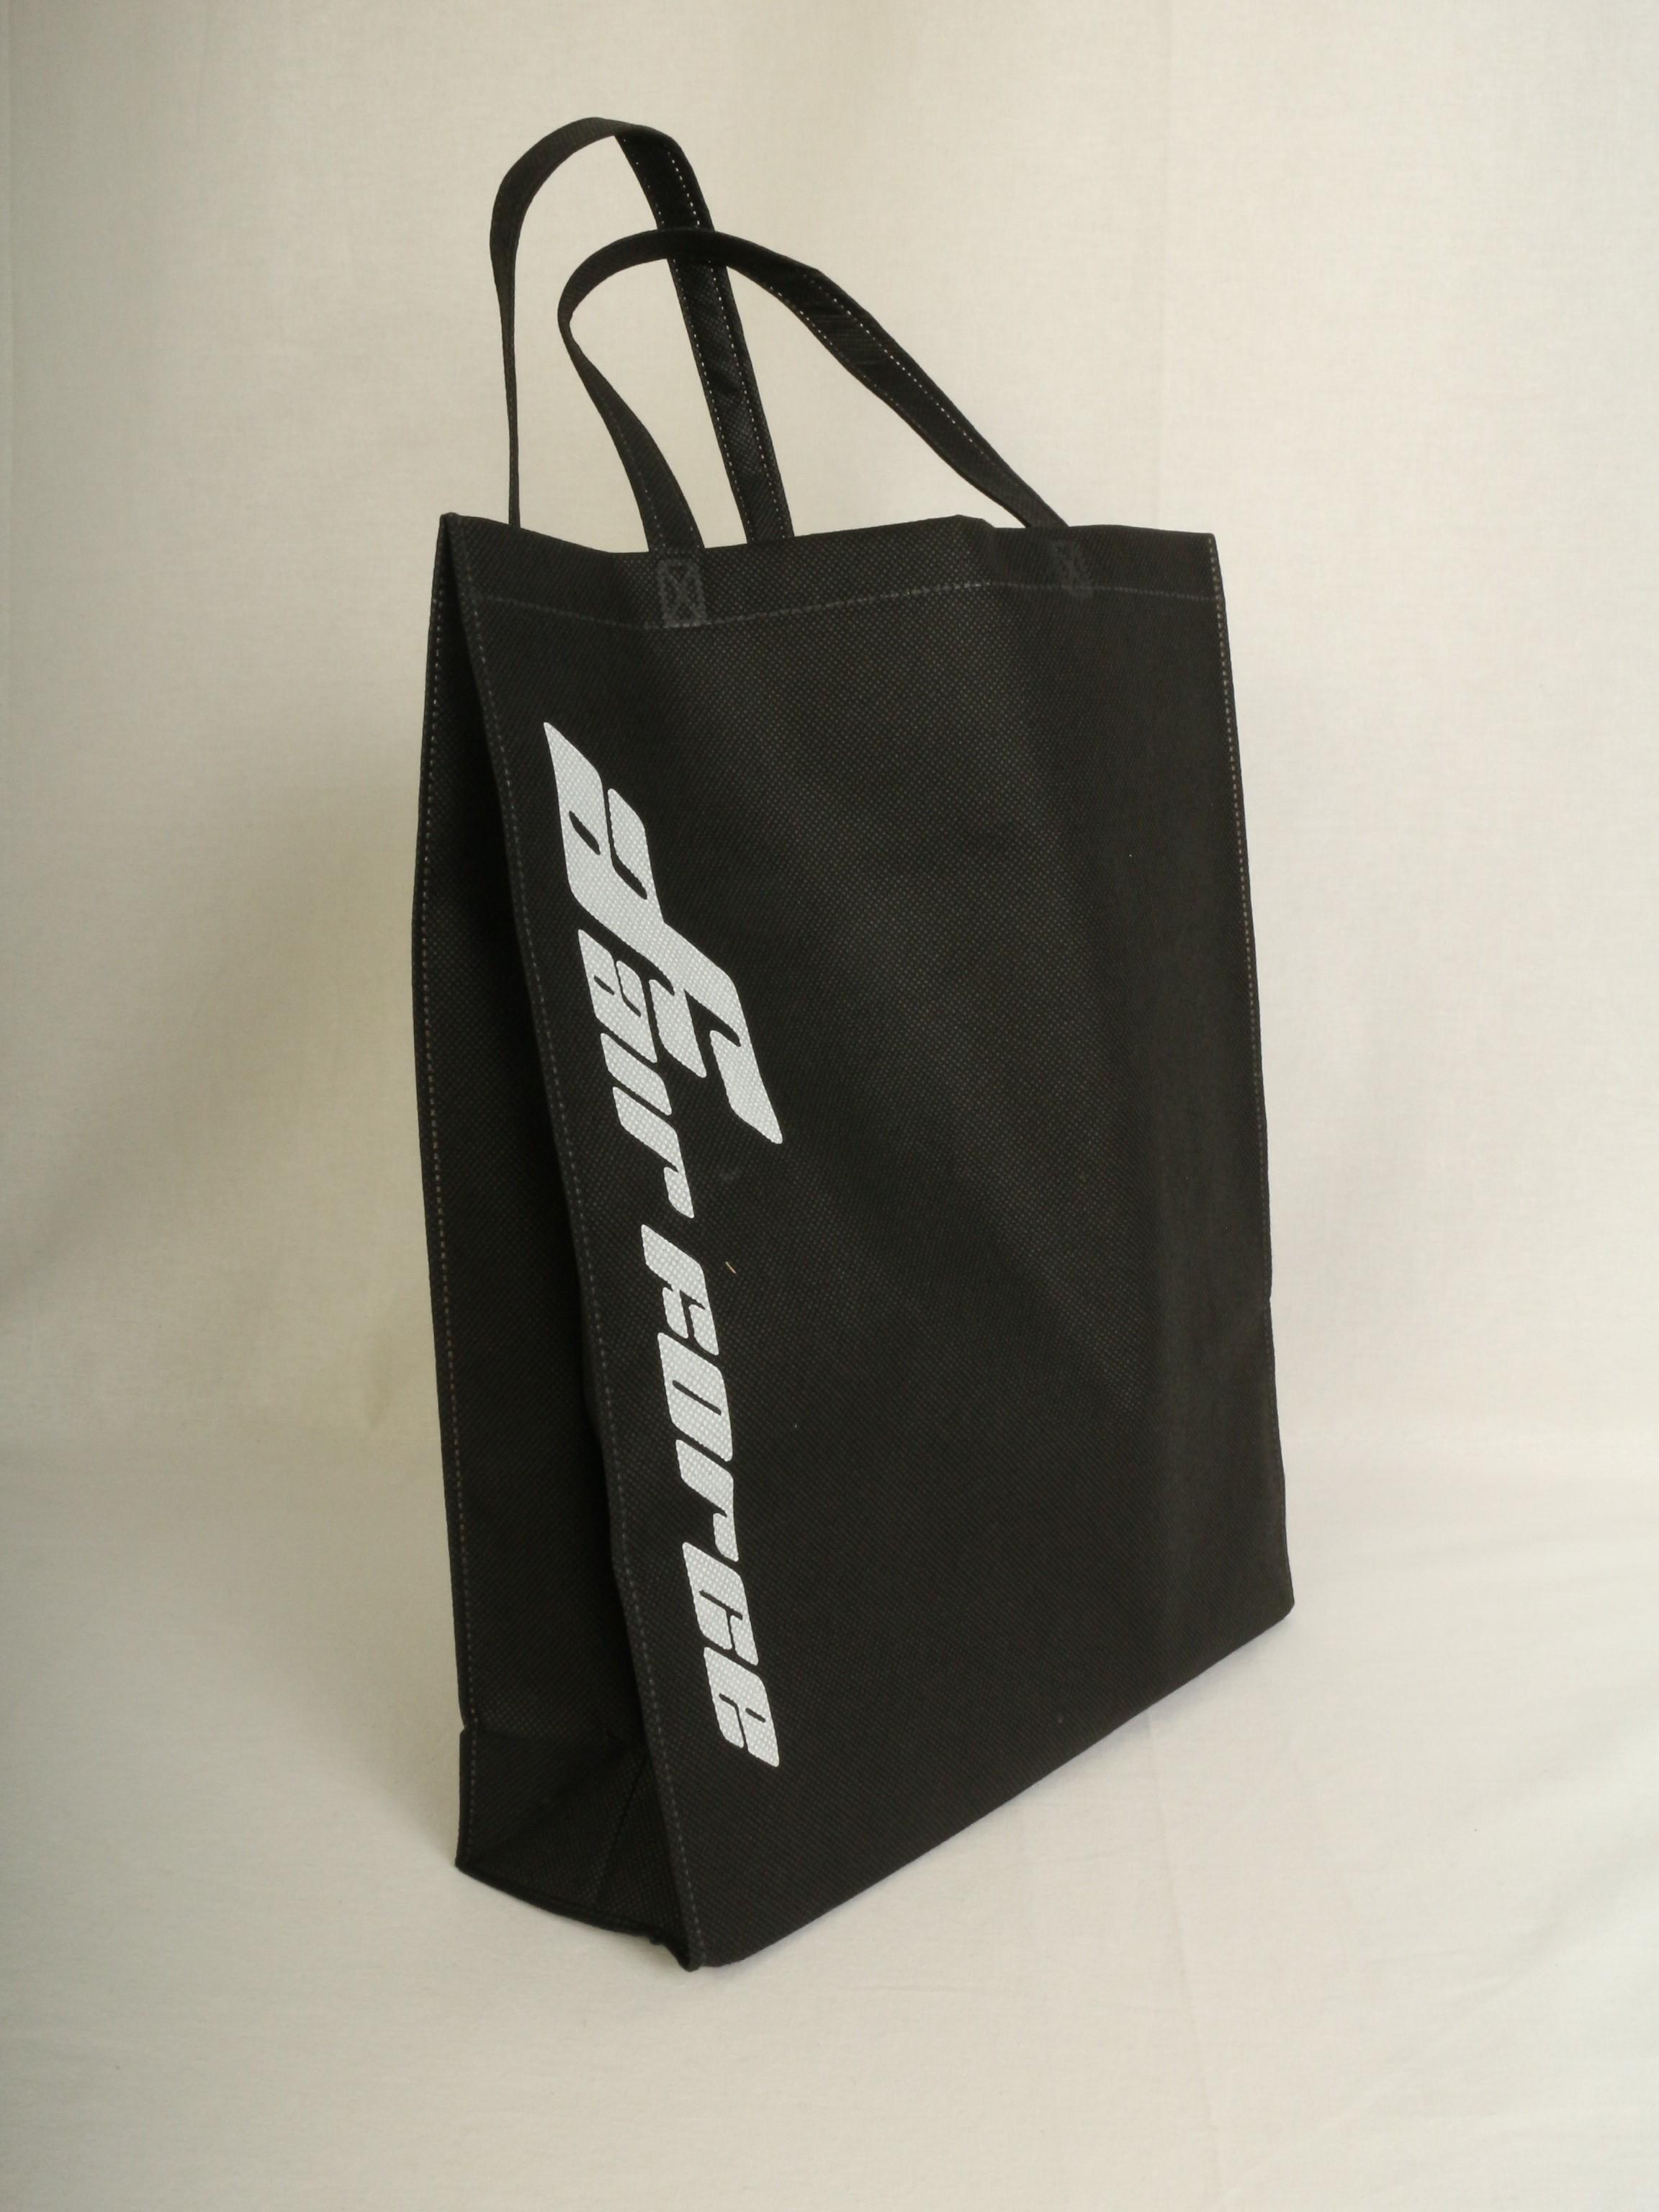 中古車販売とカスタマイズ企業様からのご依頼オリジナル不織布バッグ